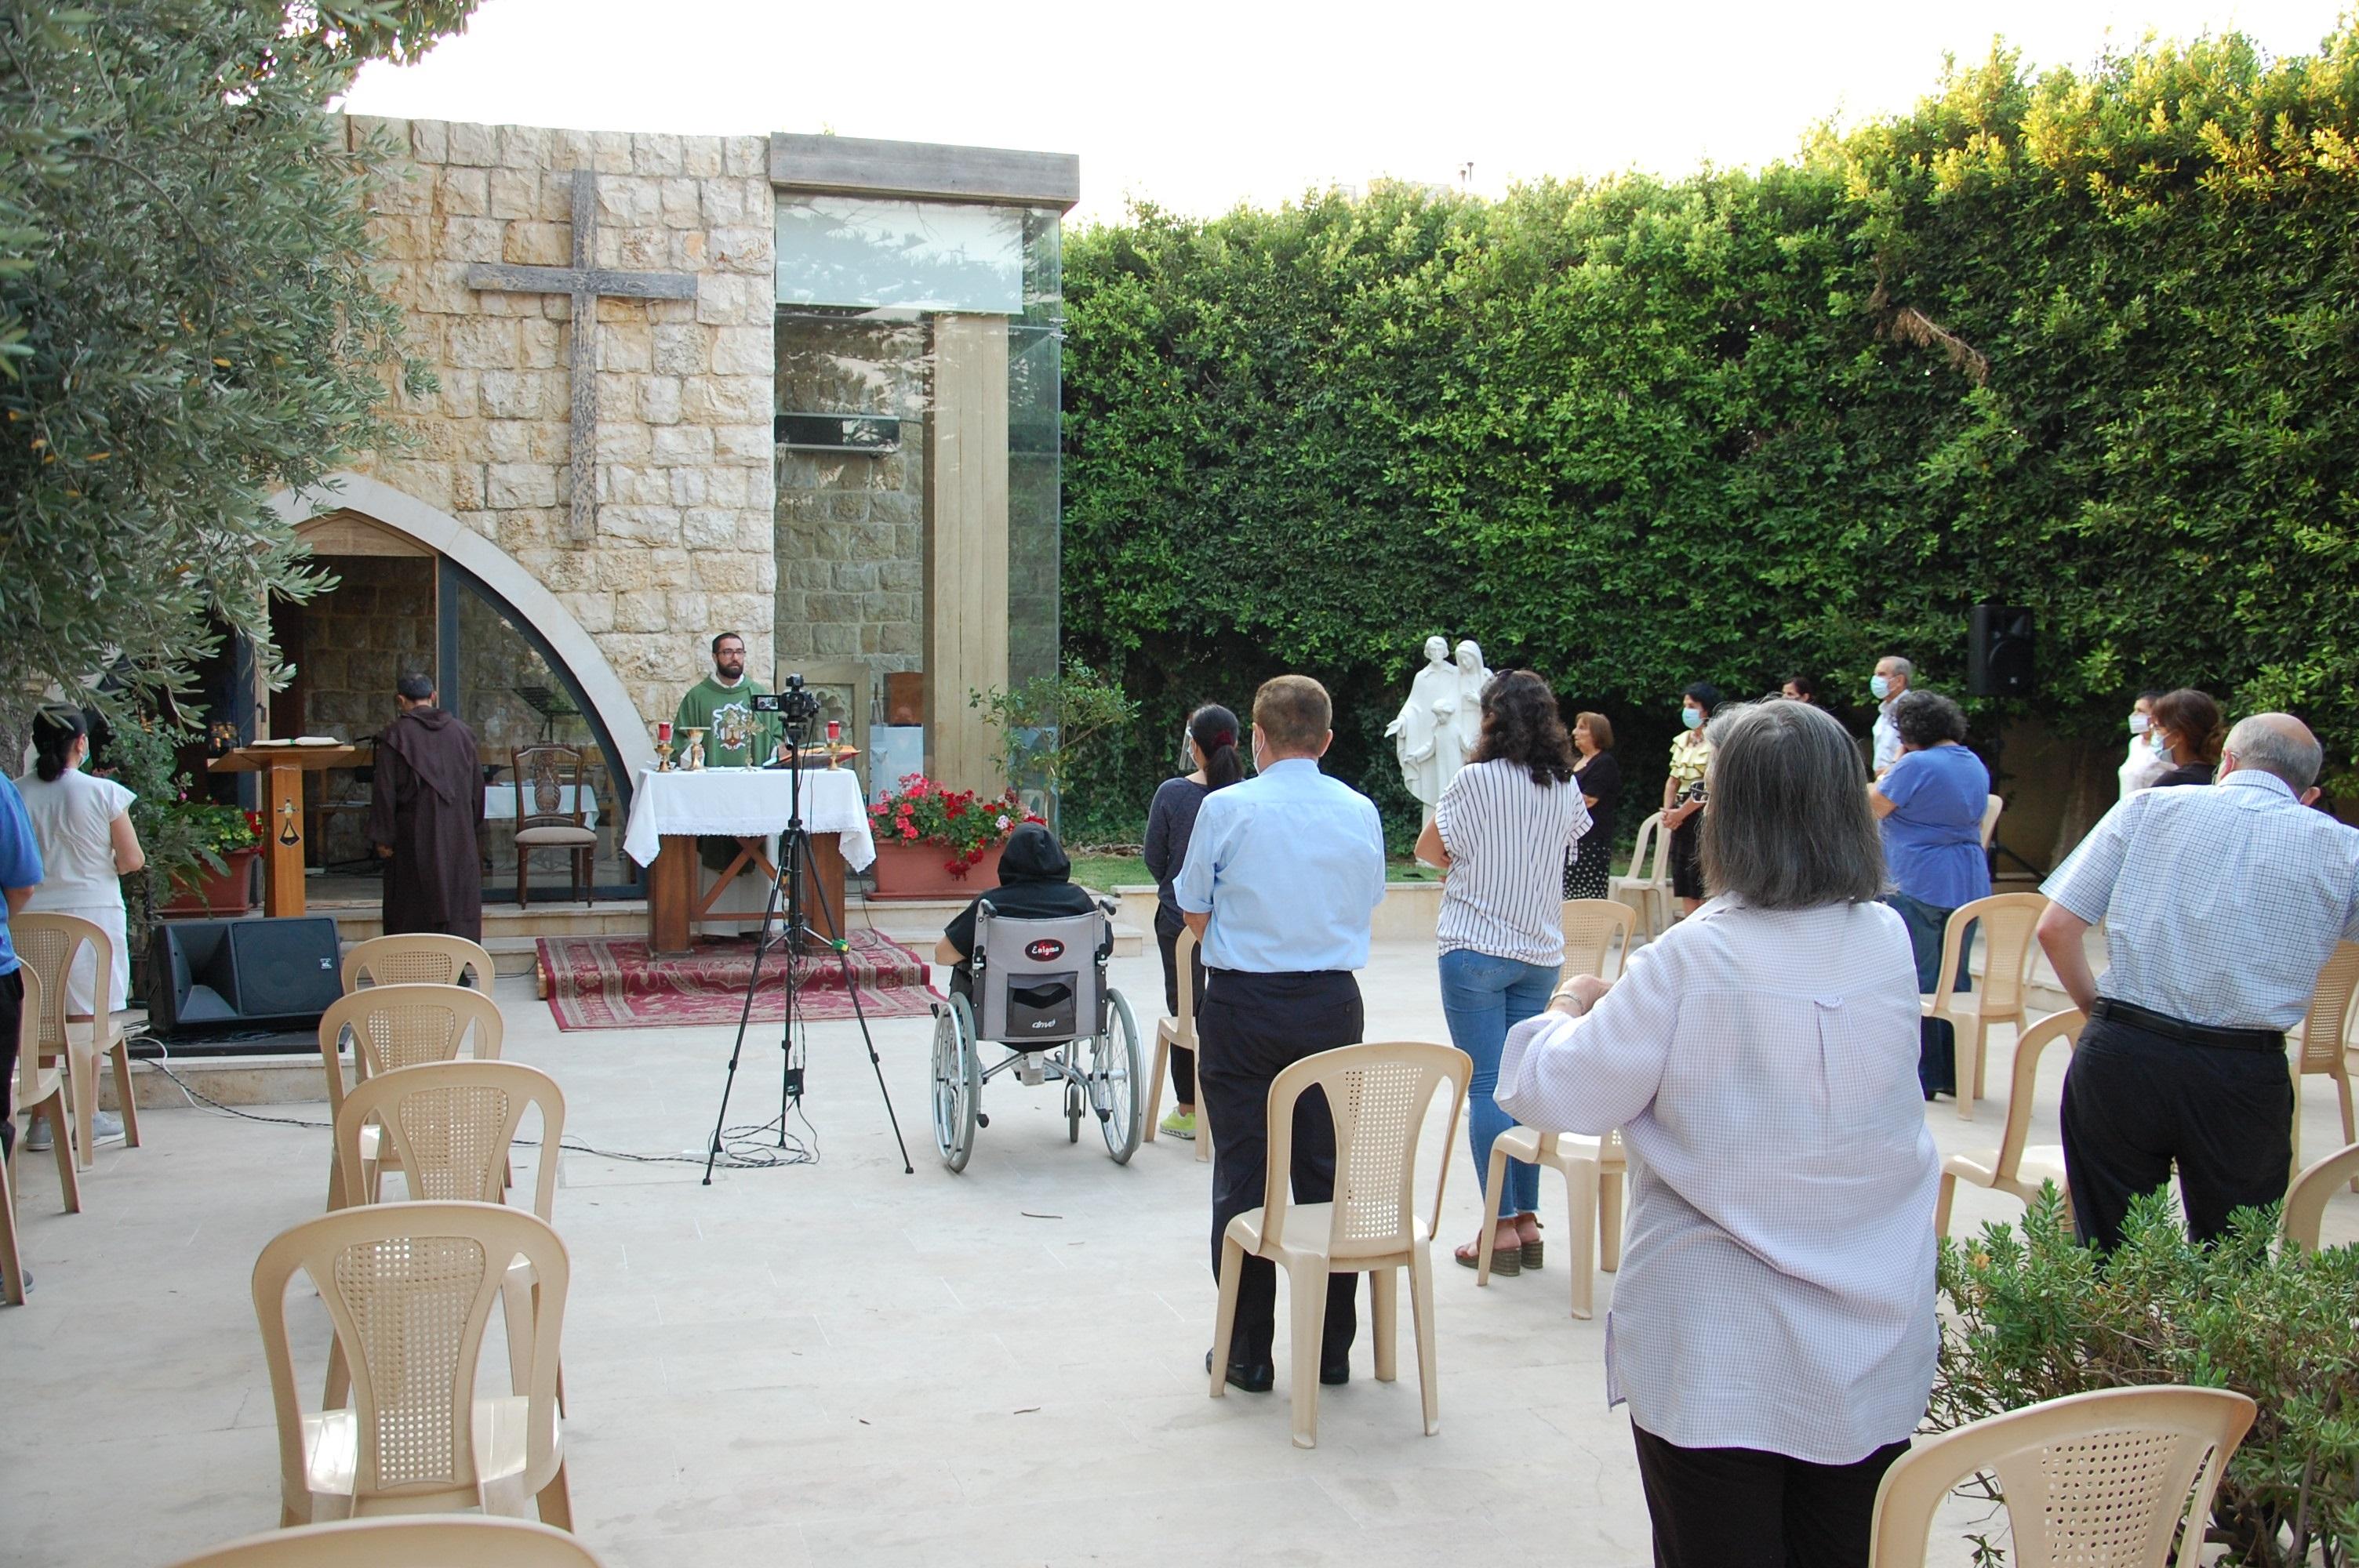 Líbano: Monasterio carmelita atrae a gente de todas las confesiones